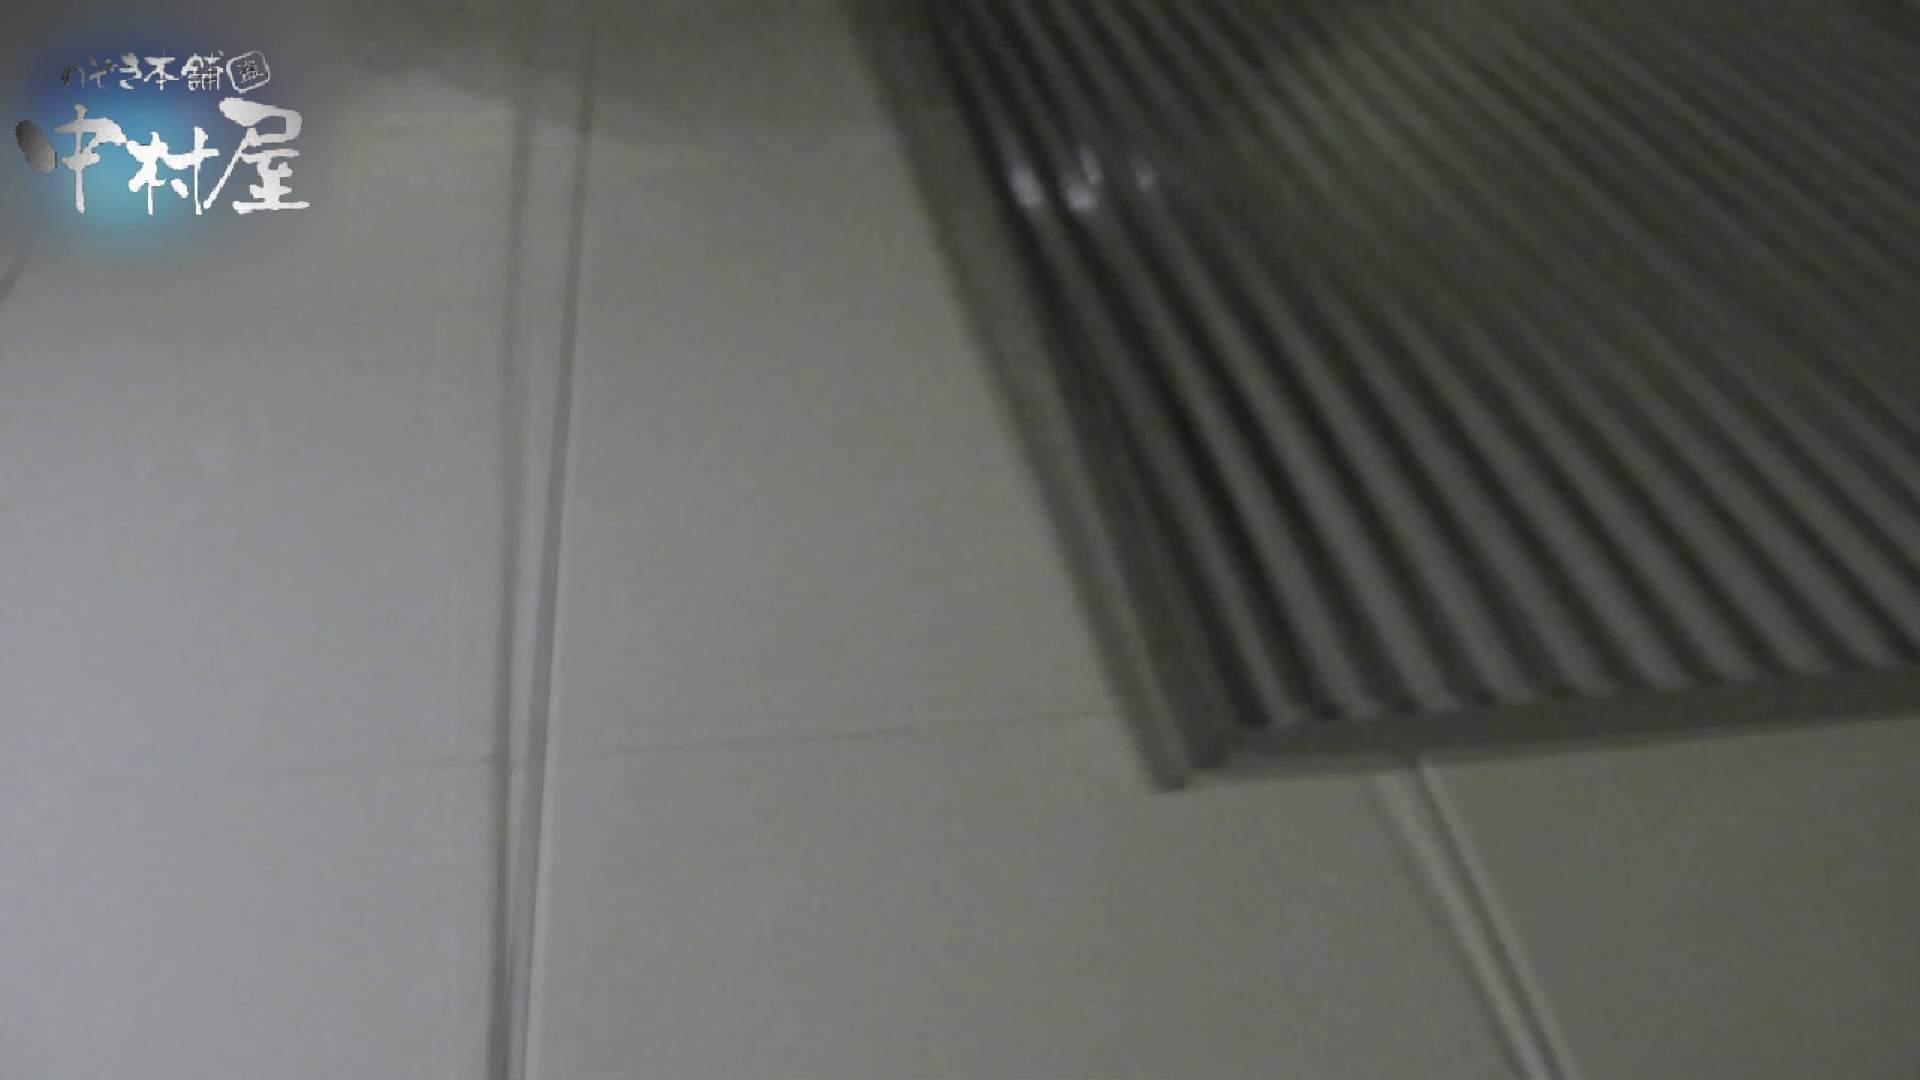 乙女集まる!ショッピングモール潜入撮vol.08 OLのエロ生活 エロ無料画像 34連発 2